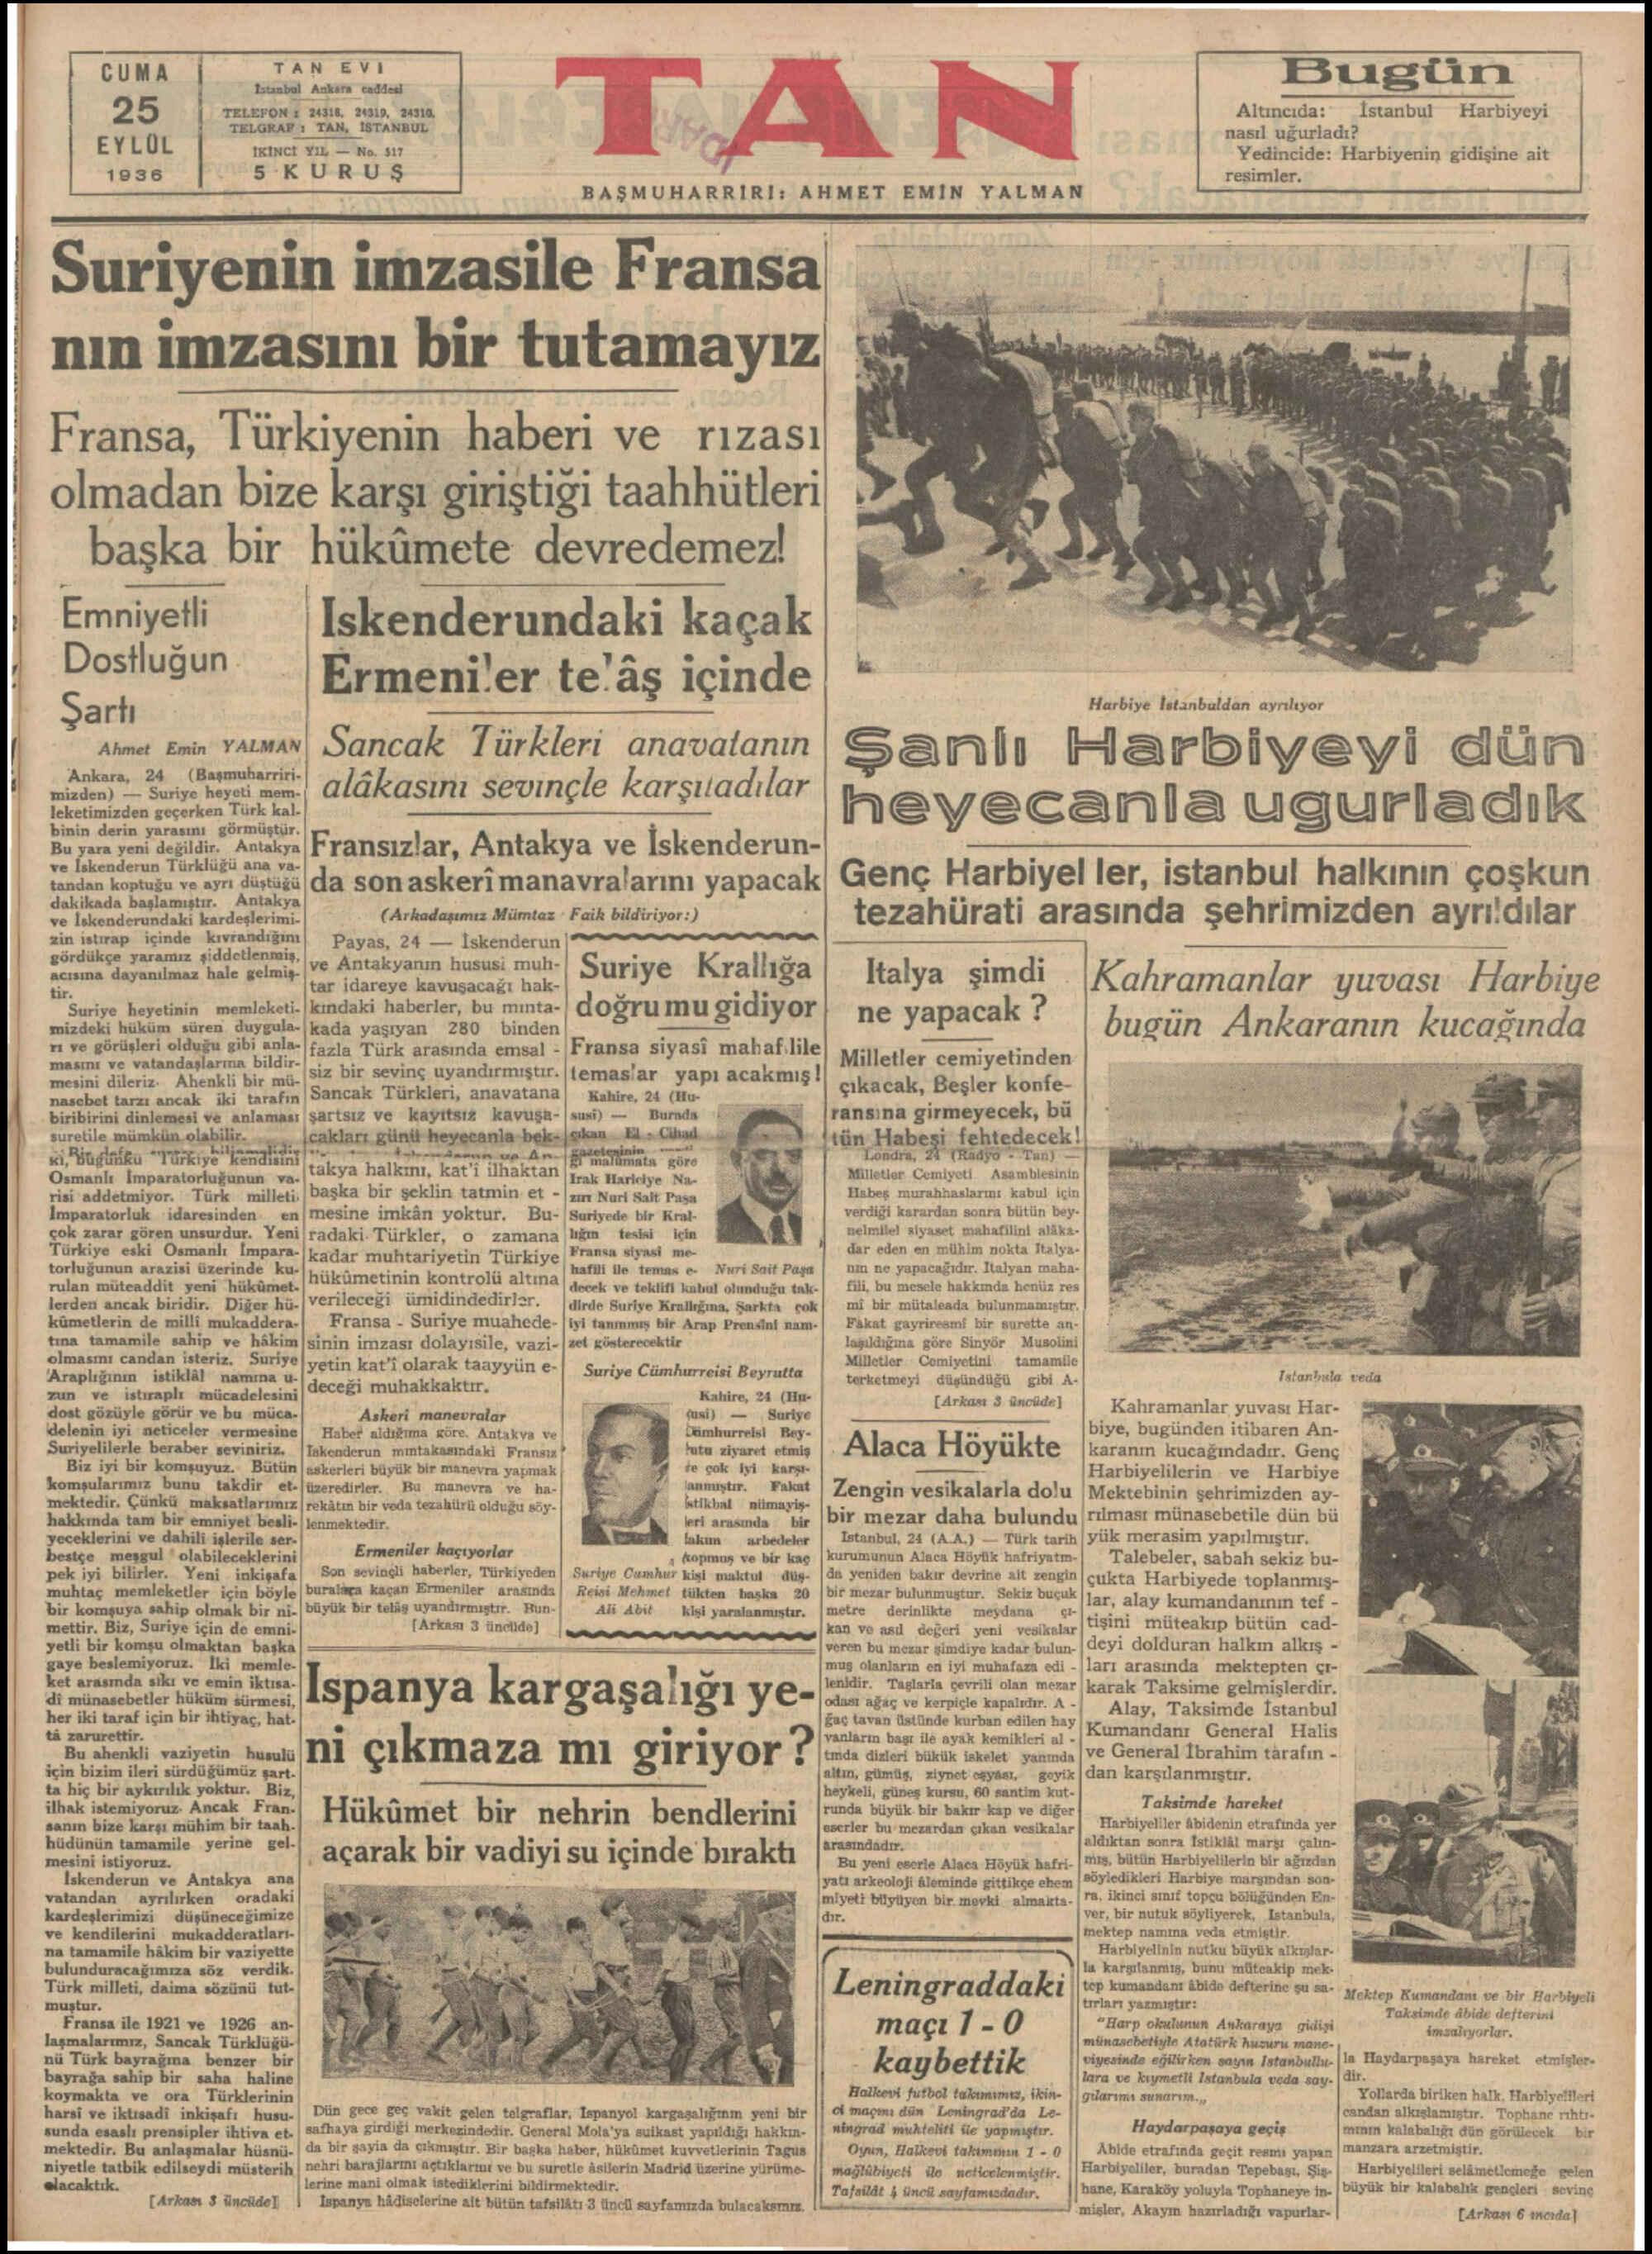 25 Eylül 1936 Tarihli Tan Gazetesi Sayfa 1